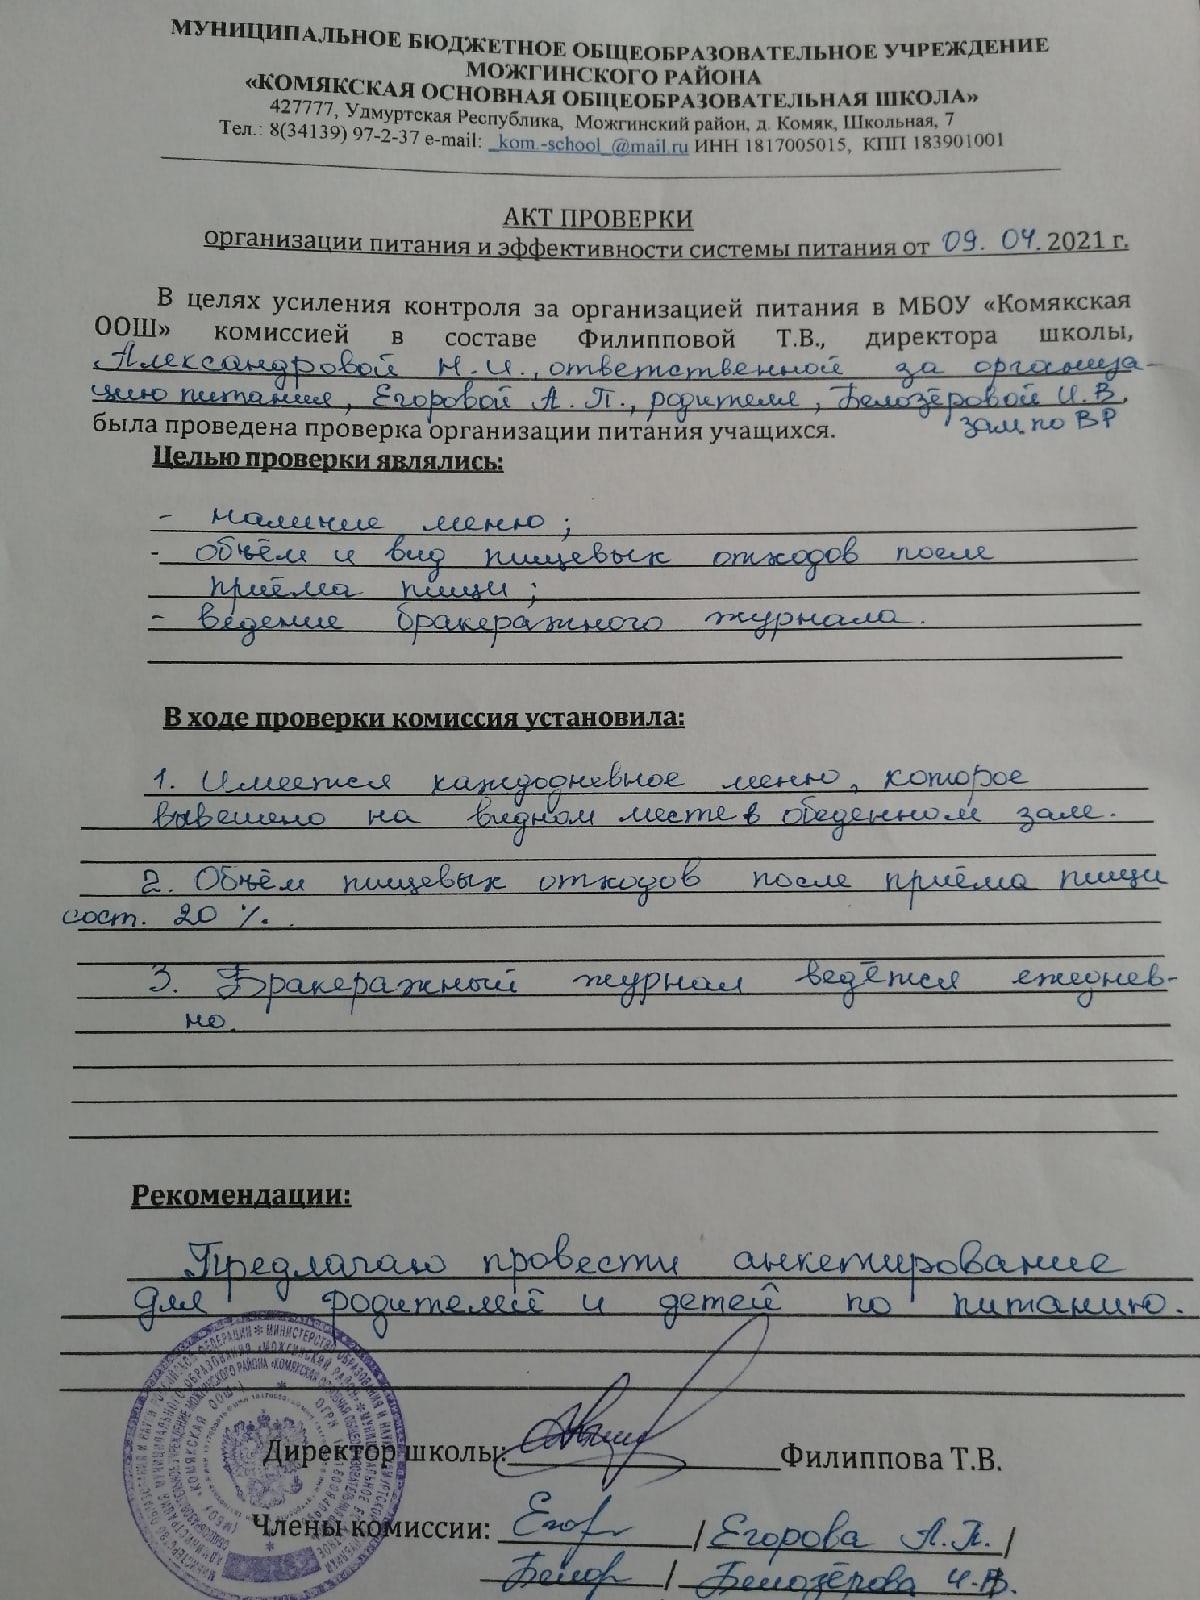 ☝️Родительский контроль за организацией питания в Комякской